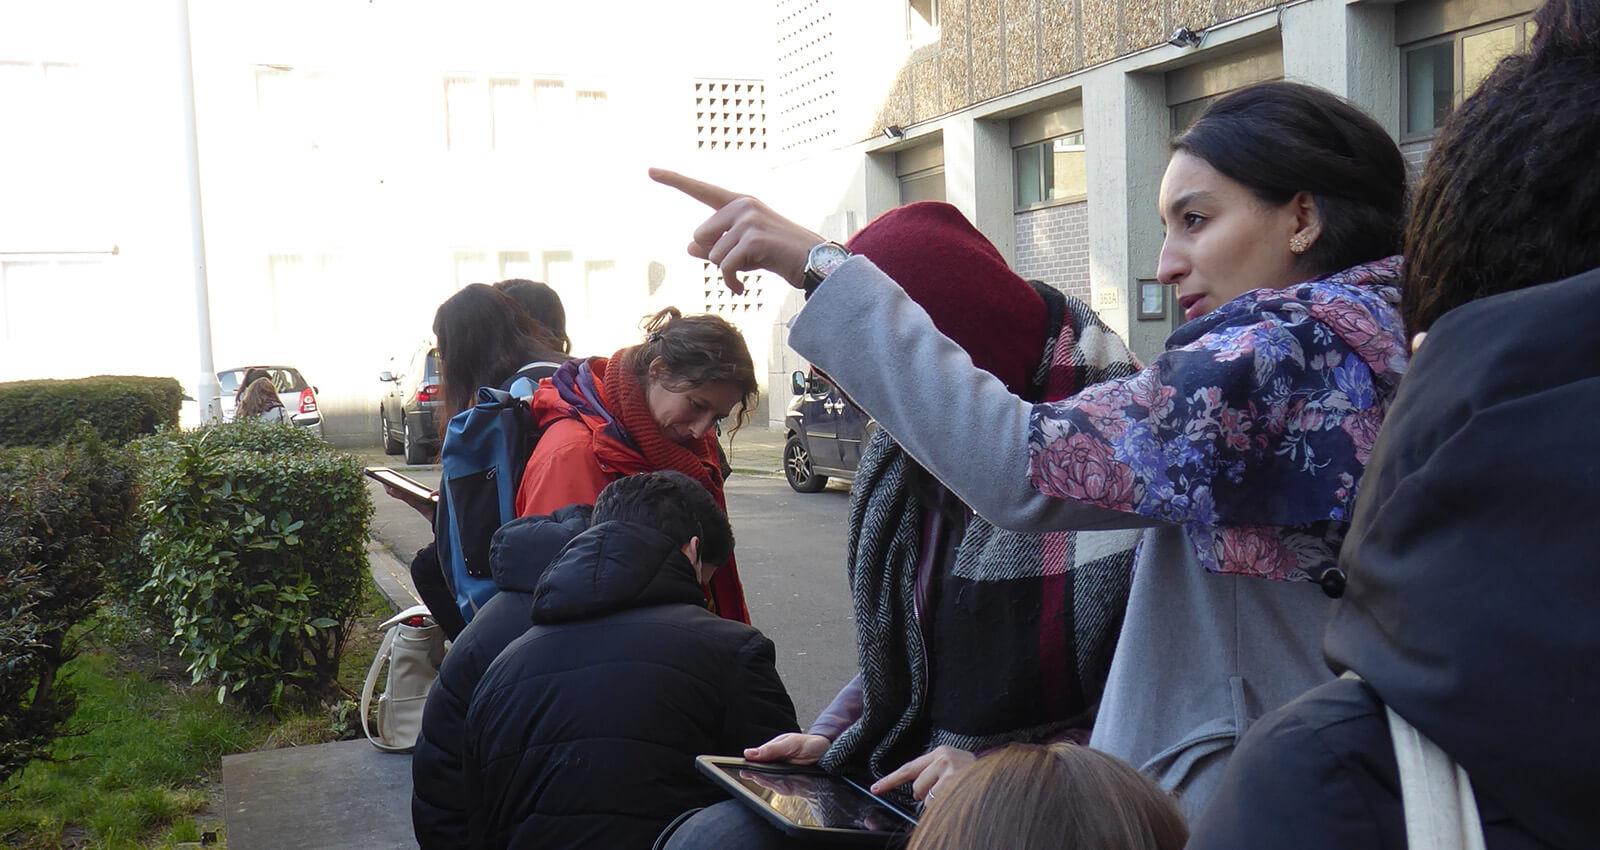 leerlingen werken op tablets in de Marollen over armoede